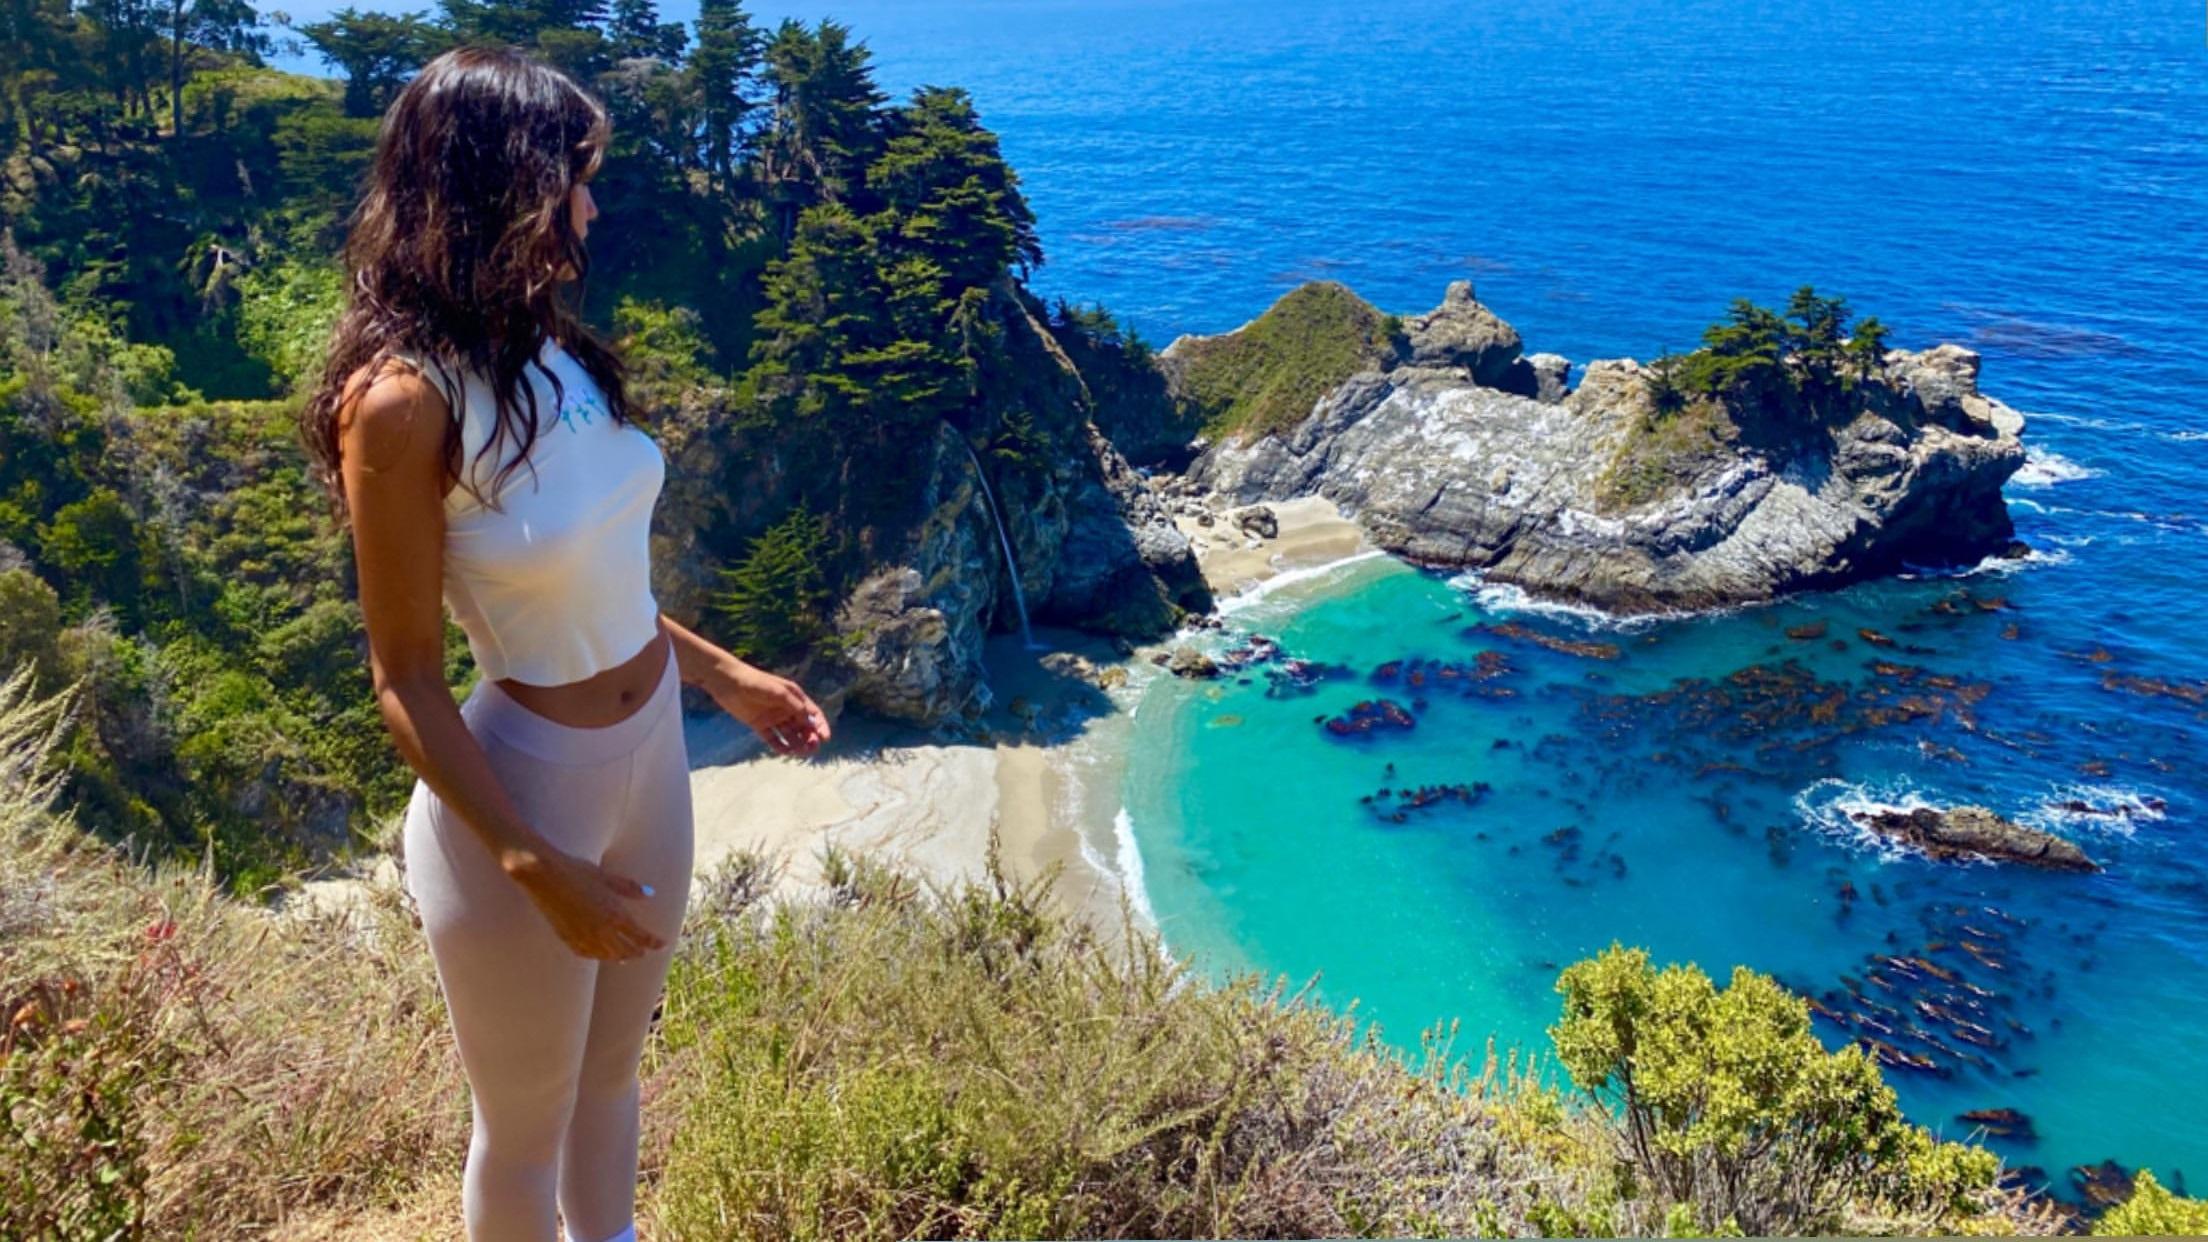 Eiza Gonzalez fait une randonnée! - Photo 4